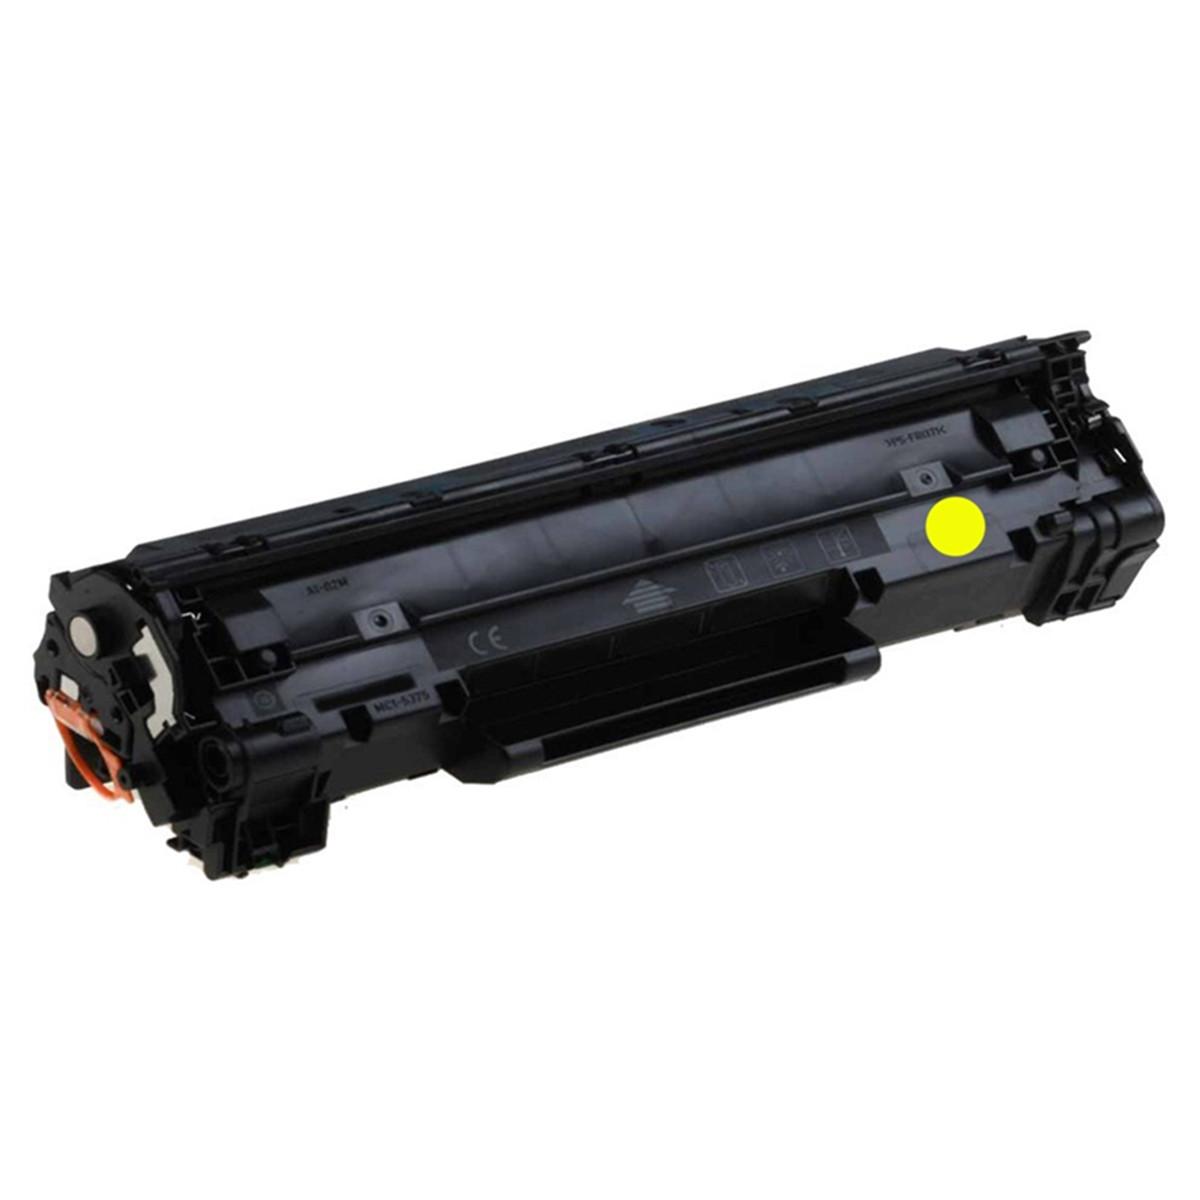 Toner Compatível com HP CF402X 201X CF402XB Amarelo   M252 M277 M252DW M277DW   Importado 2.3k